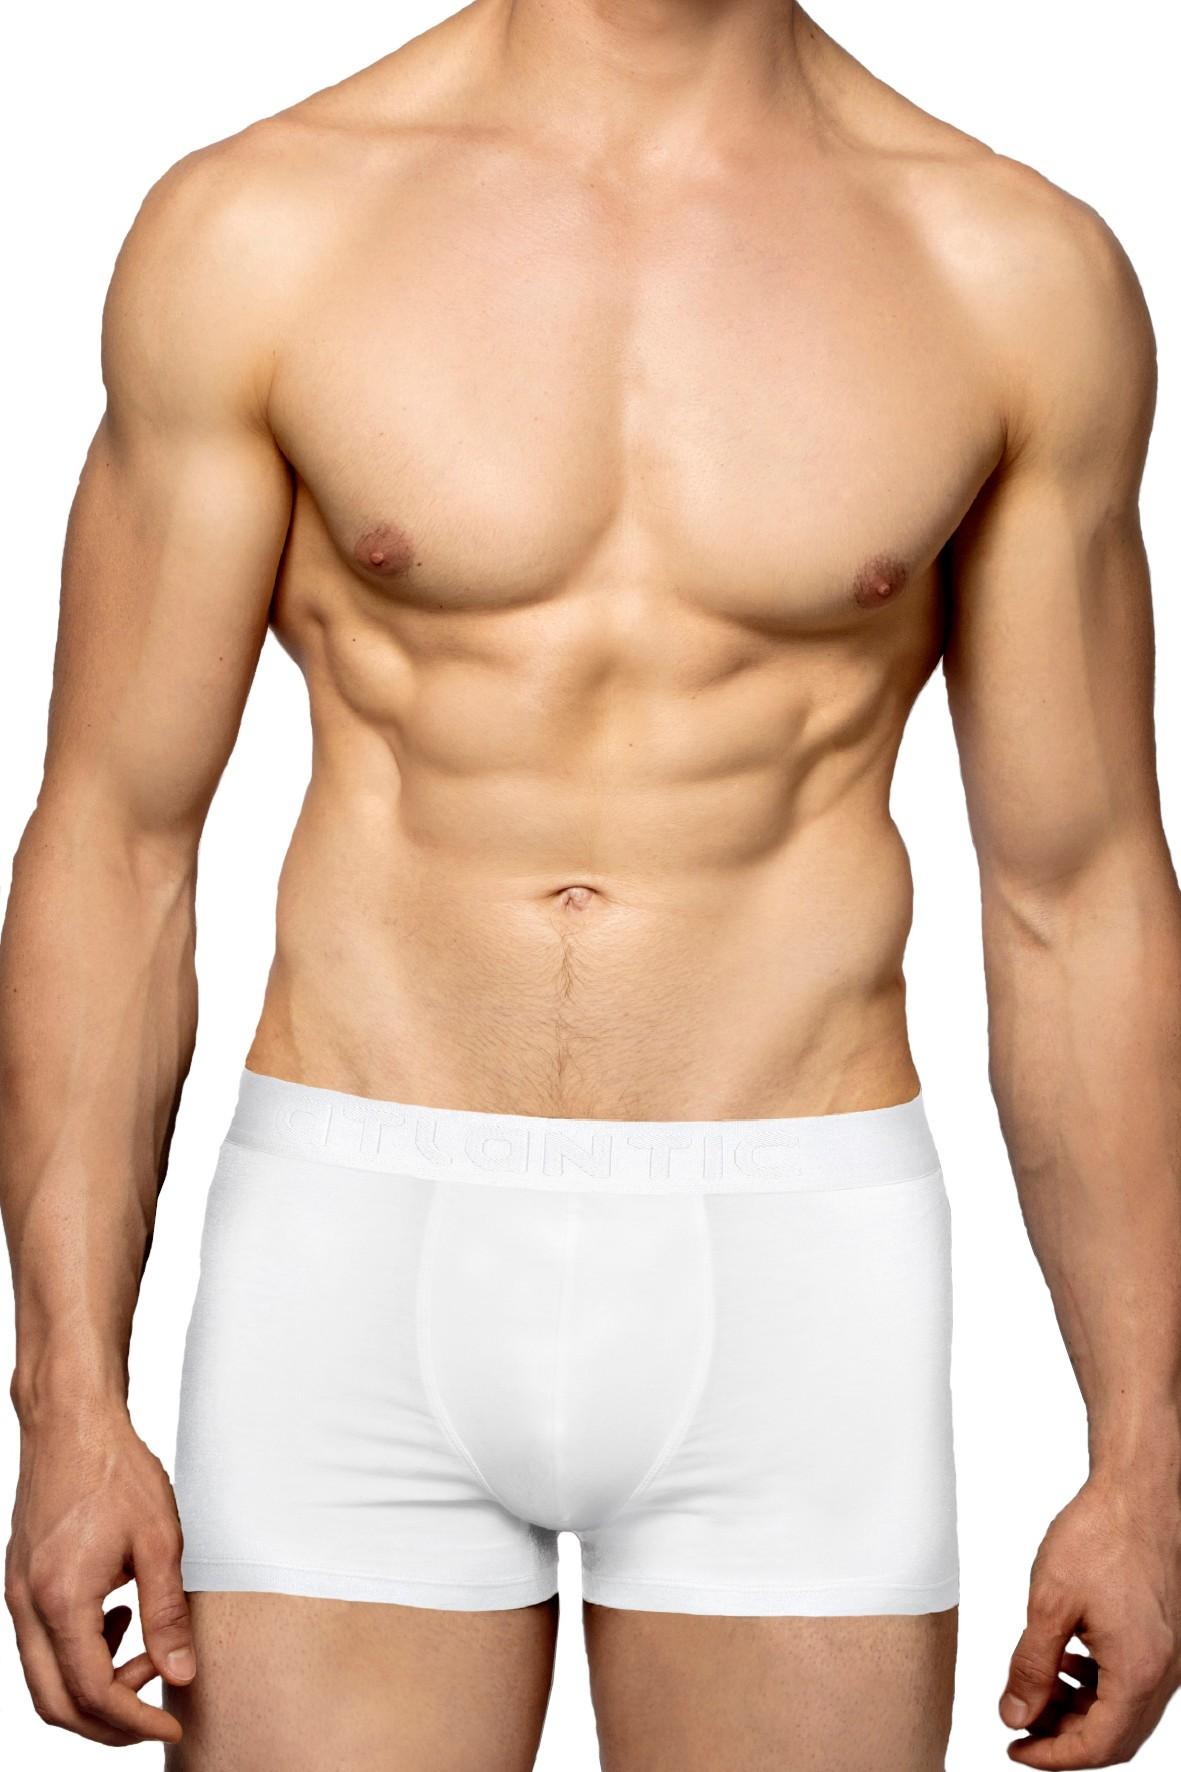 Przylegające do ciała bokserki męskie Atlantic- białe